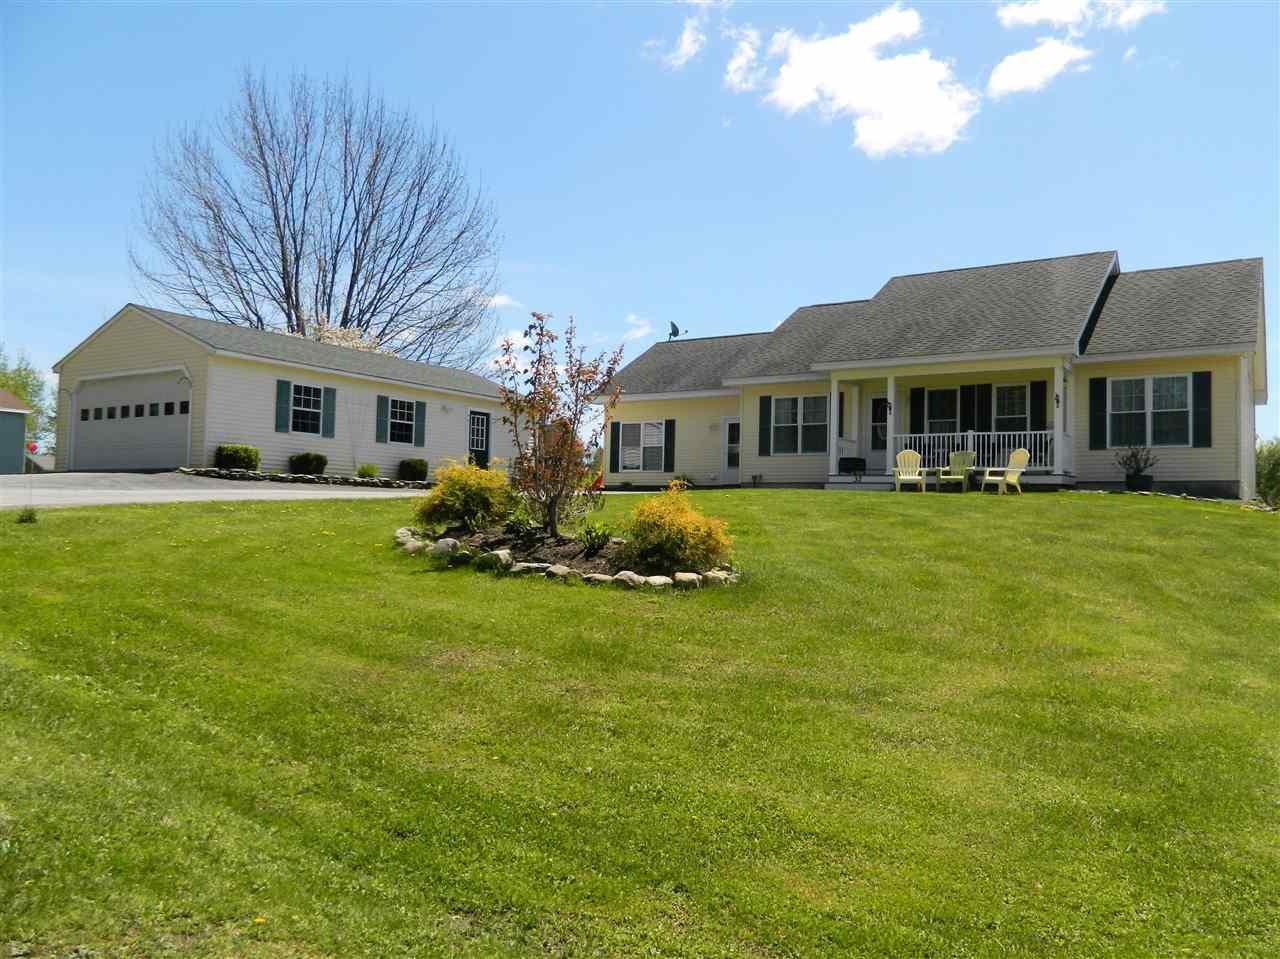 32 CIRCLE RD, TILTON, NH — MLS# 4634205 — Coldwell Banker Tilton Nh Homes For Sale Photos